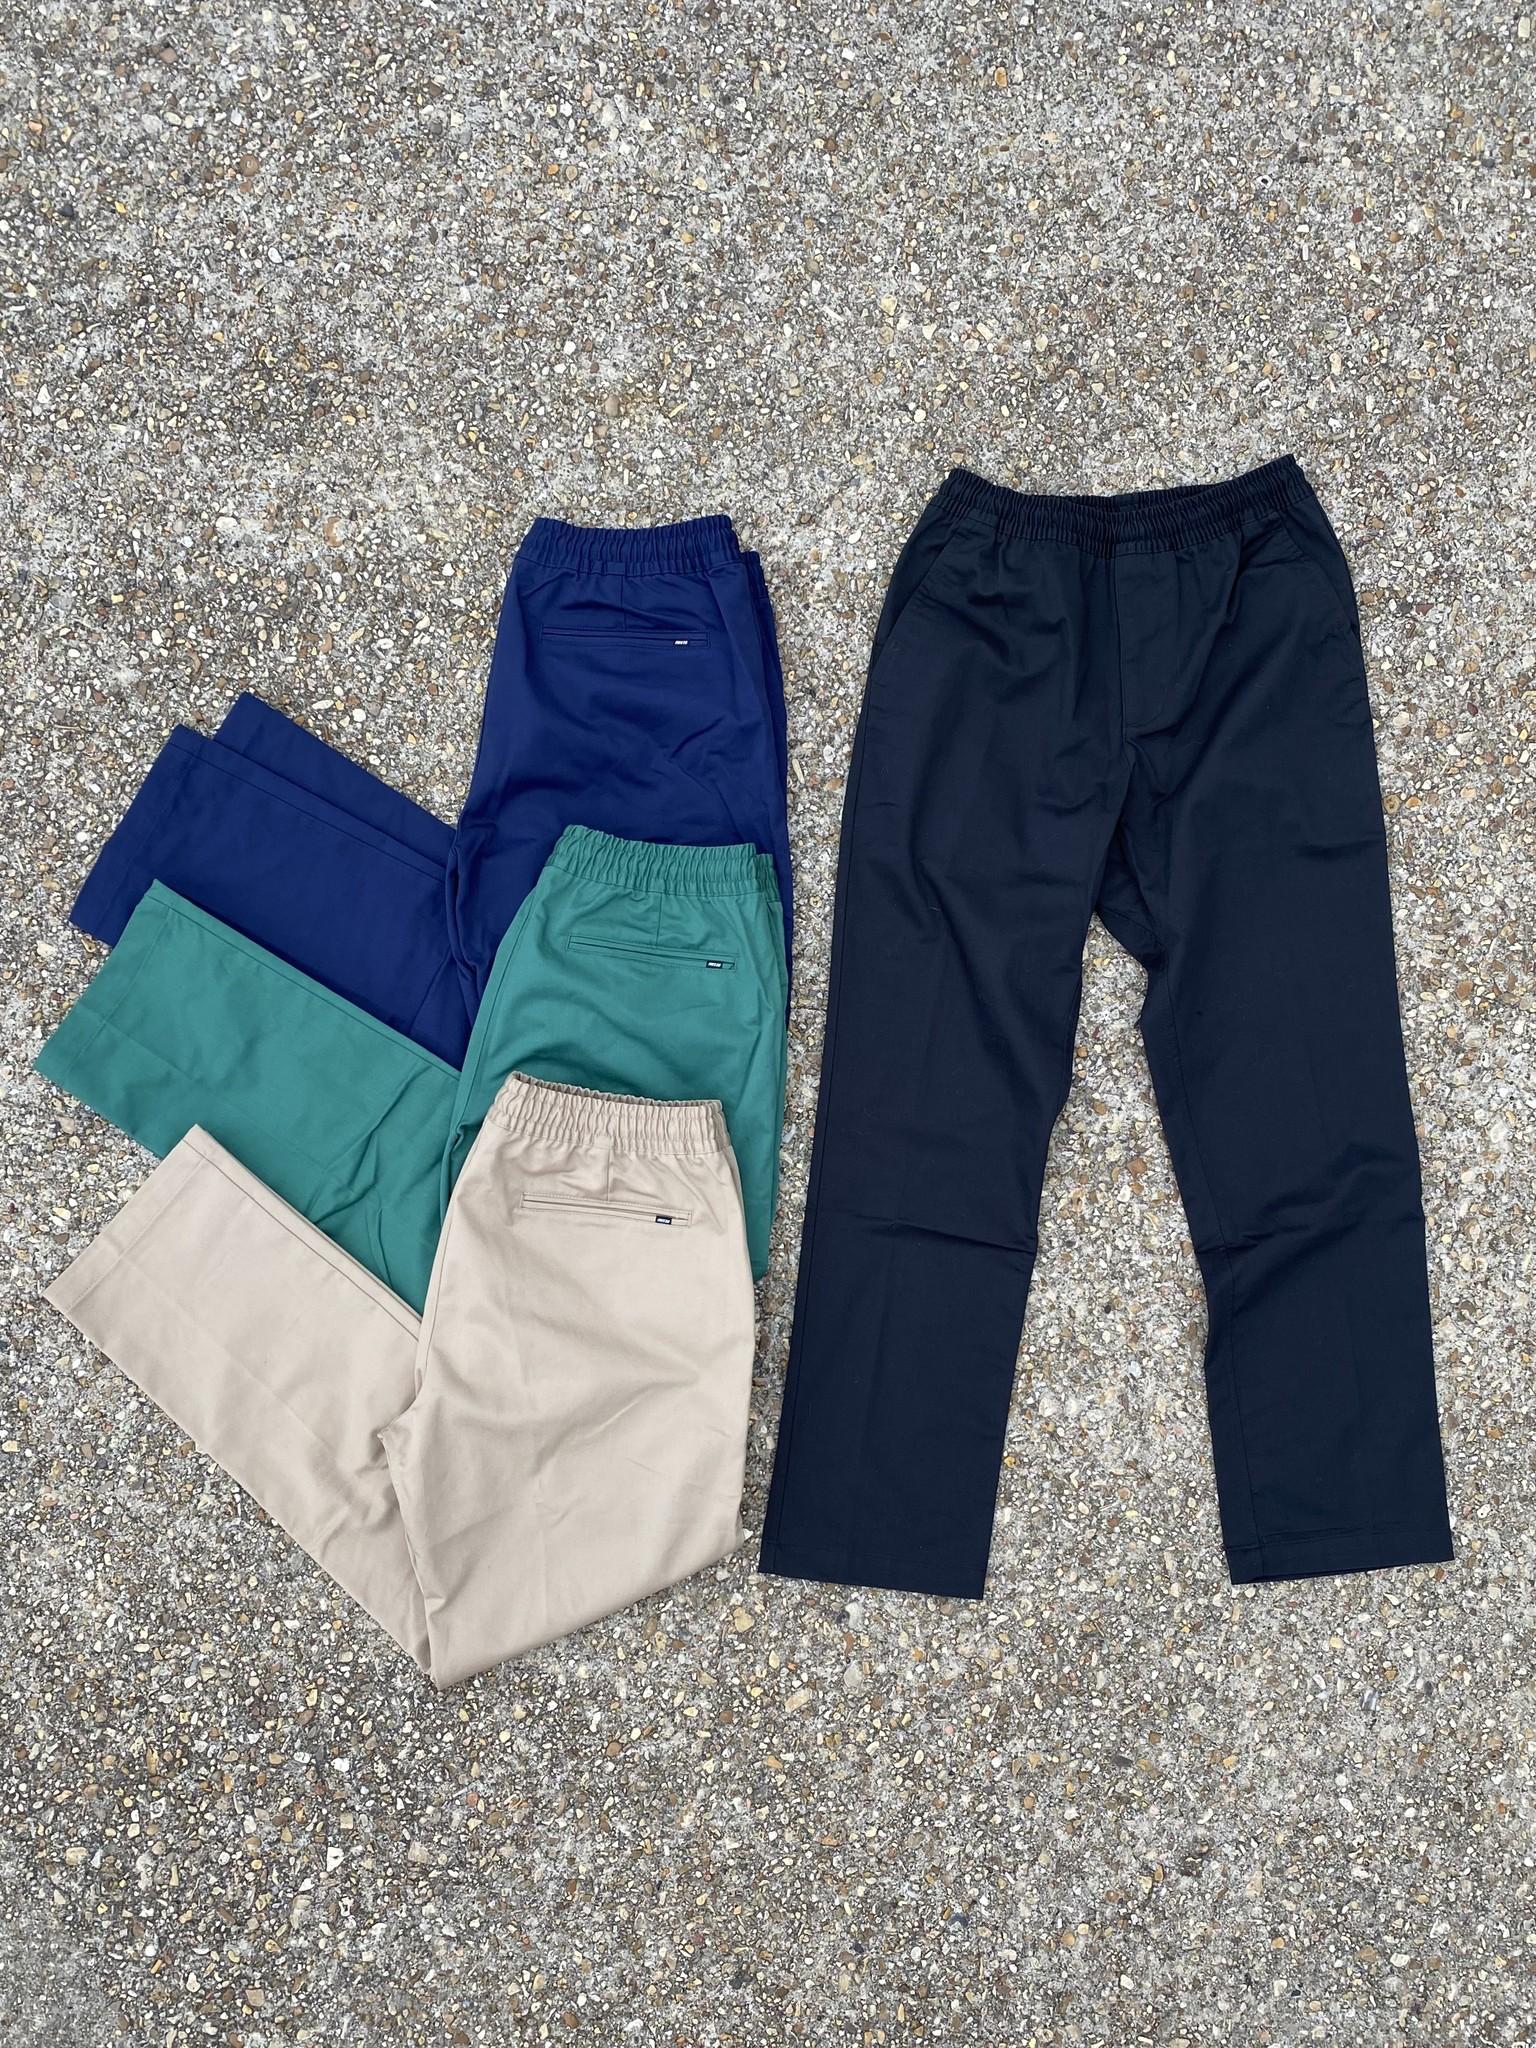 Nike SB Dry Pull Chino Pants